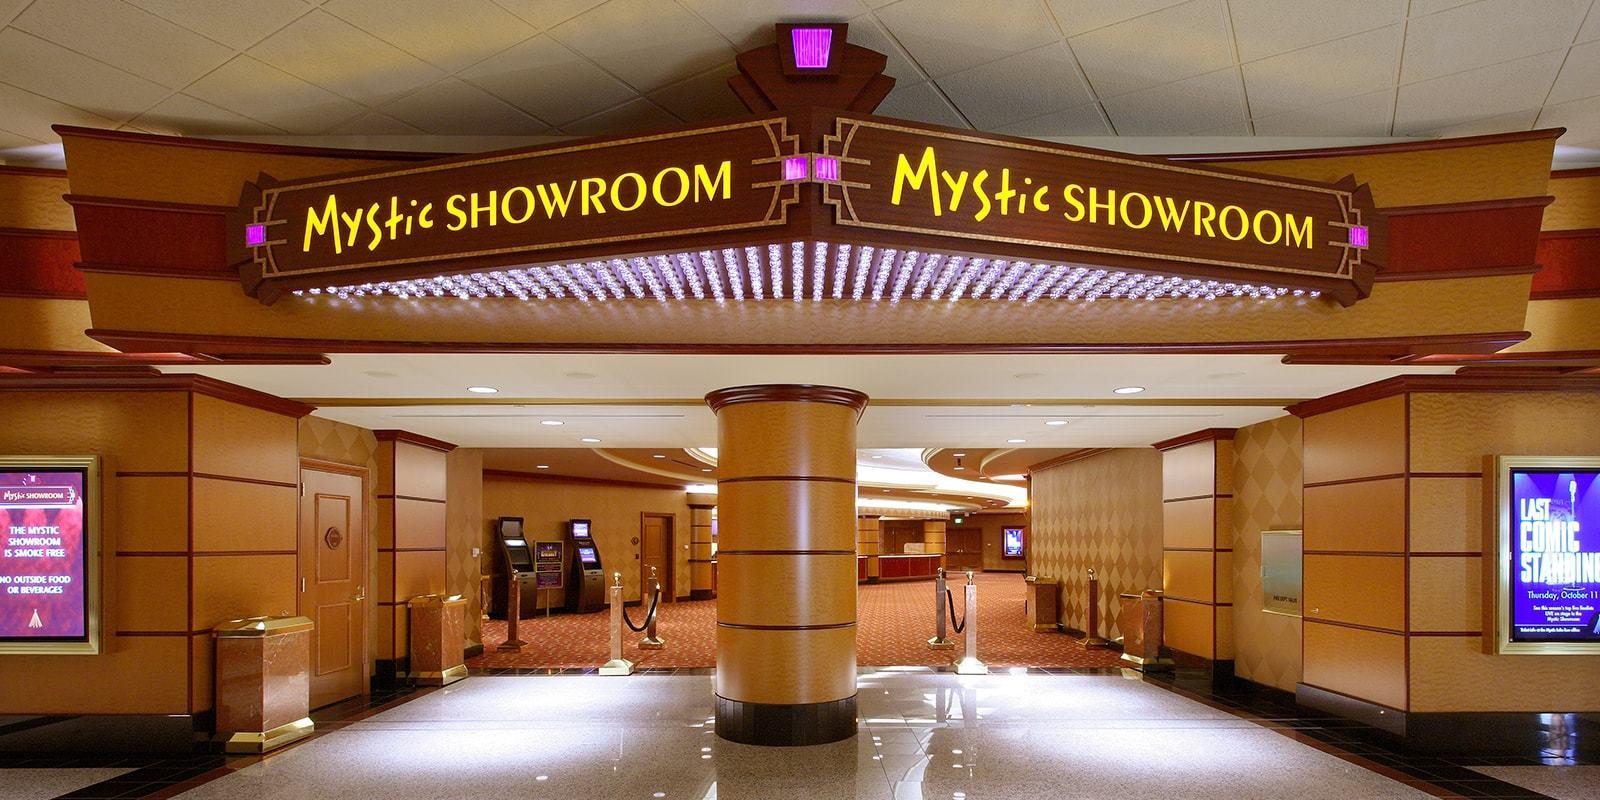 Mytic Lake Showroom Hero 01 Min